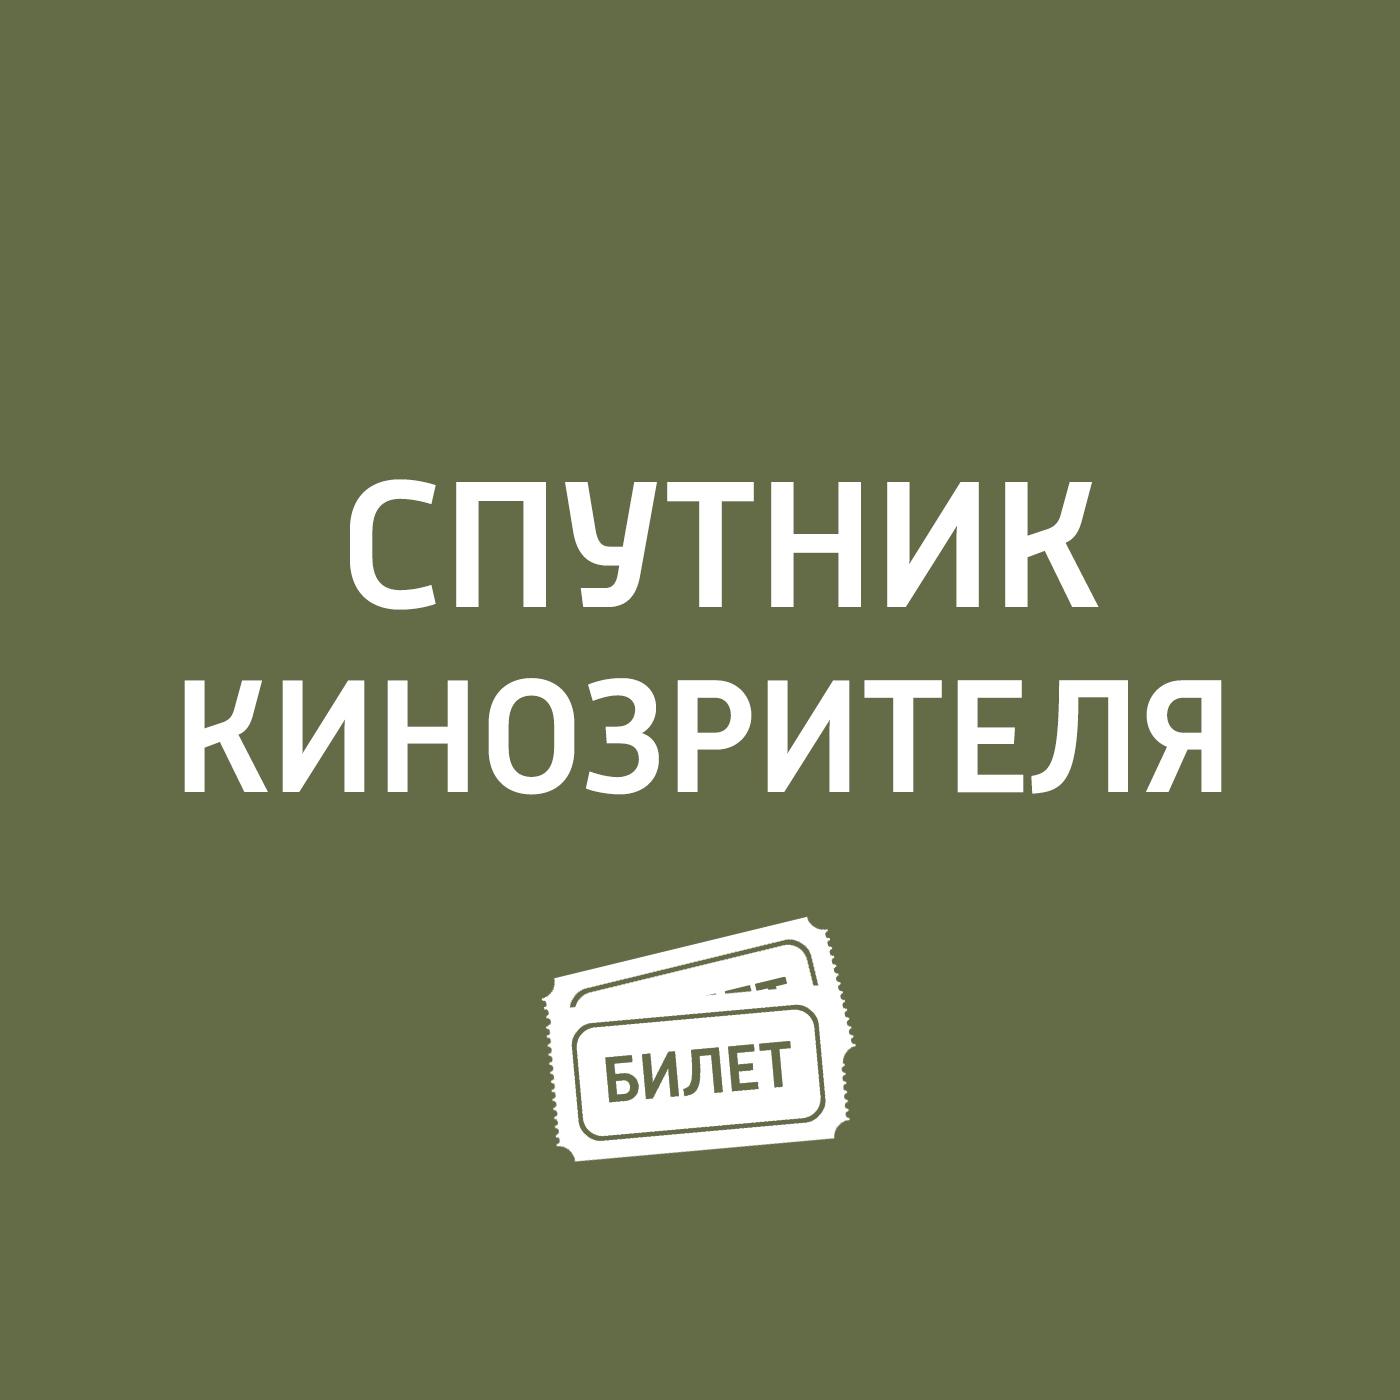 Антон Долин Солнечный удар, «Кино про Алексеева, «Выпускной, «Два дня, одна ночь кино ночь lp